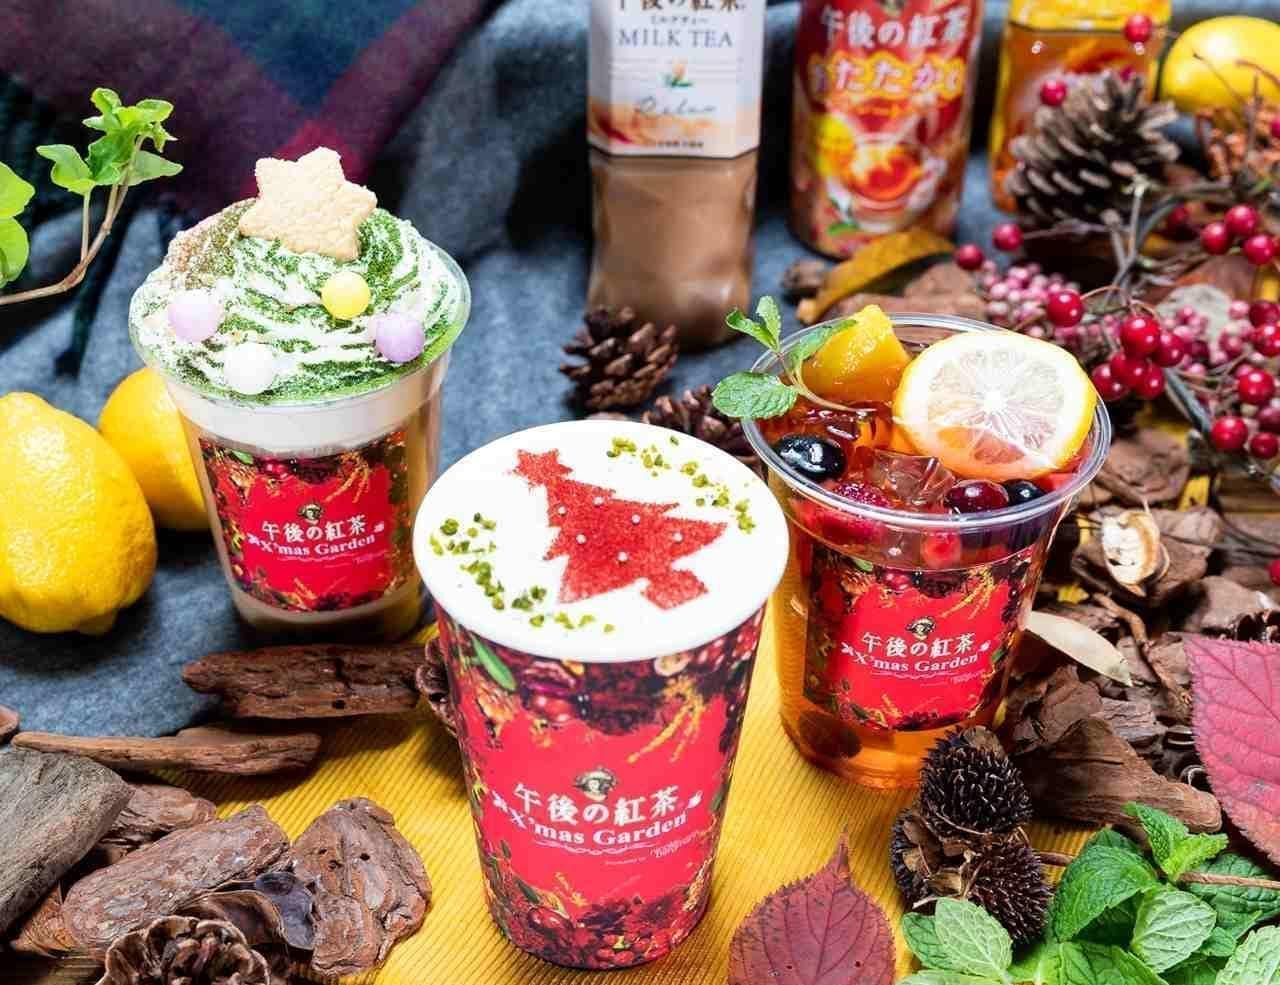 「午後の紅茶 X'mas Garden produced by Nicolai Bergmann Flowers & Design」クリスマスシーズン限定カフェ